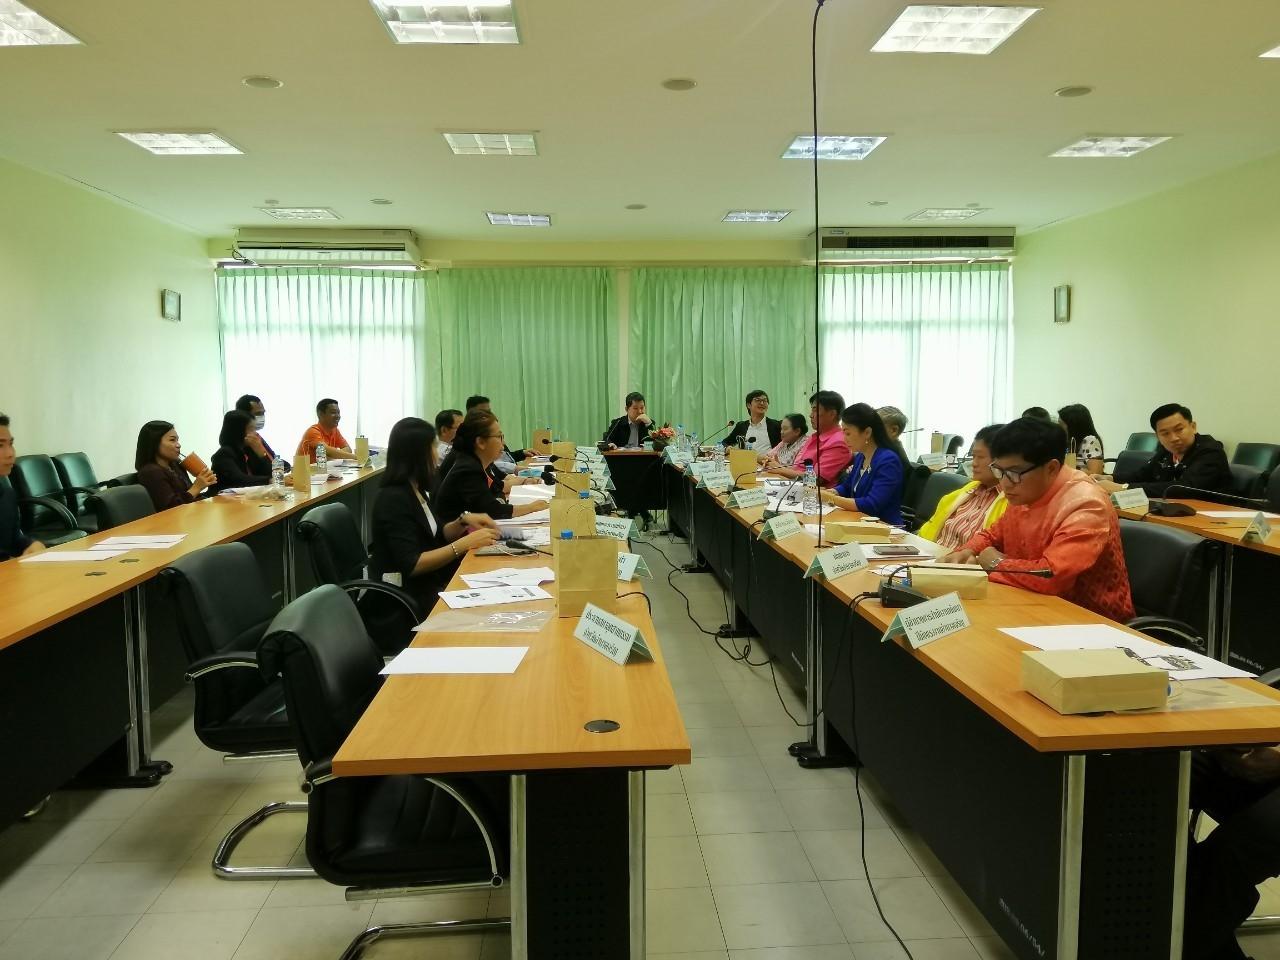 ประชุมเชิงปฏิบัติการโครงการจัดทำแผนปฏิบัติการด้านแรงงานจังหวัดอำนาจเจริญ พ.ศ. 2563 – 2565